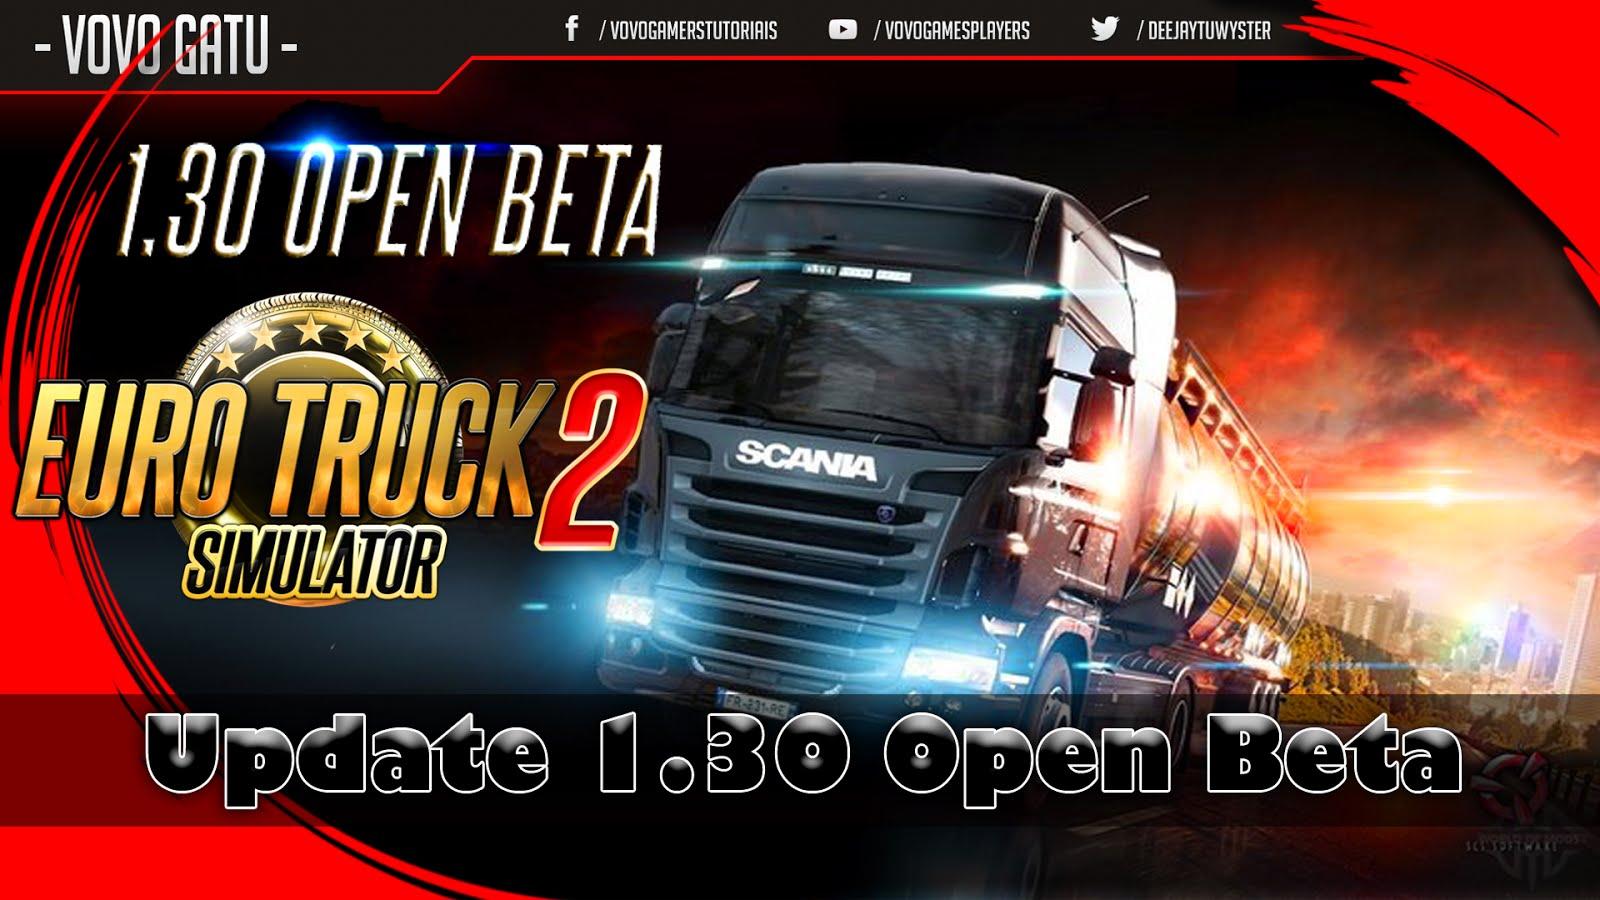 download euro truck simulator 2 completo pc windows xp